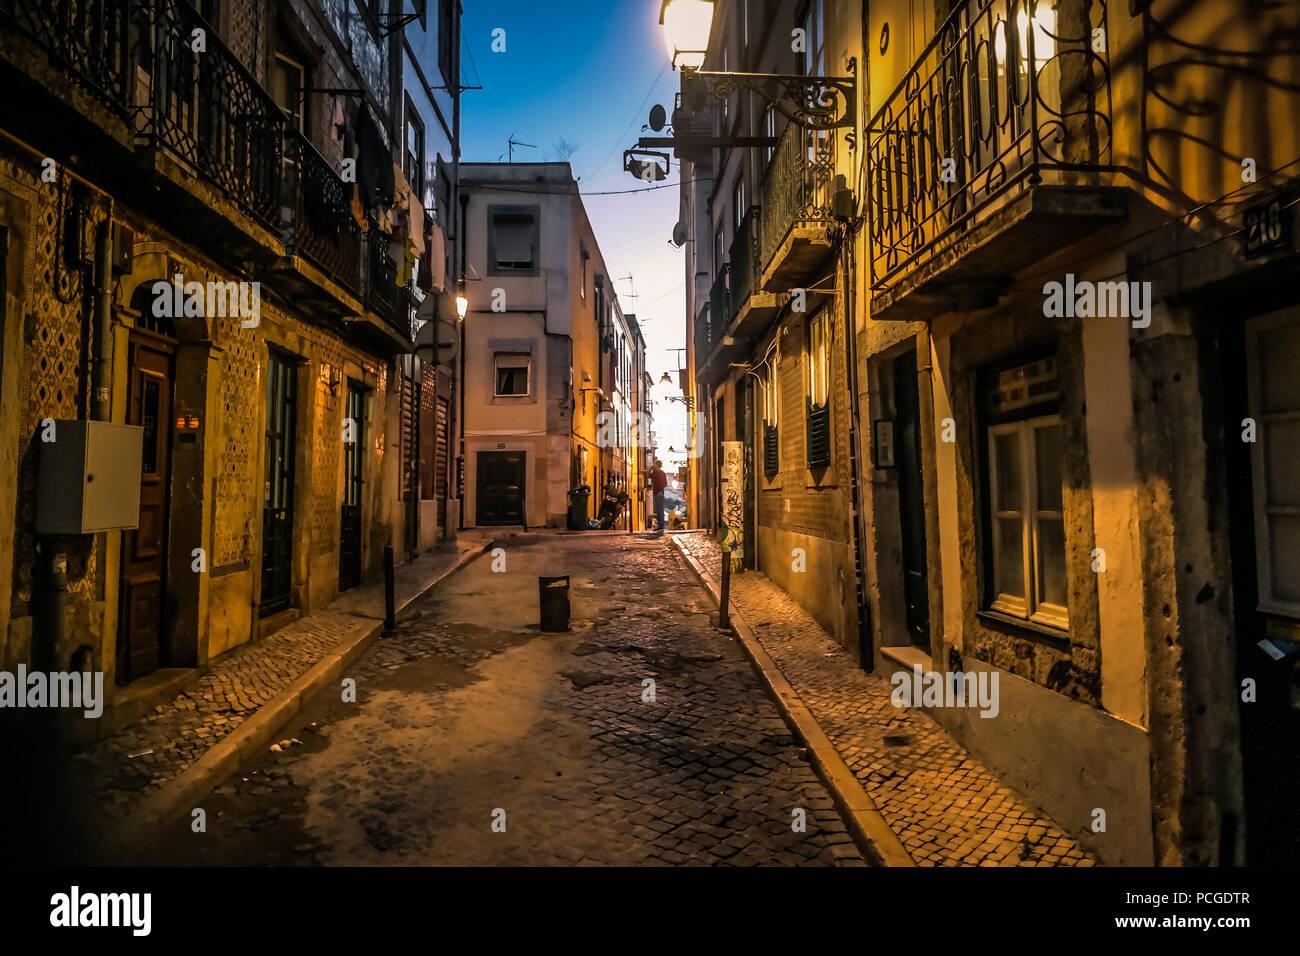 Lisboa. Una calle de Bairro Alto durante la noche. Imagen De Stock